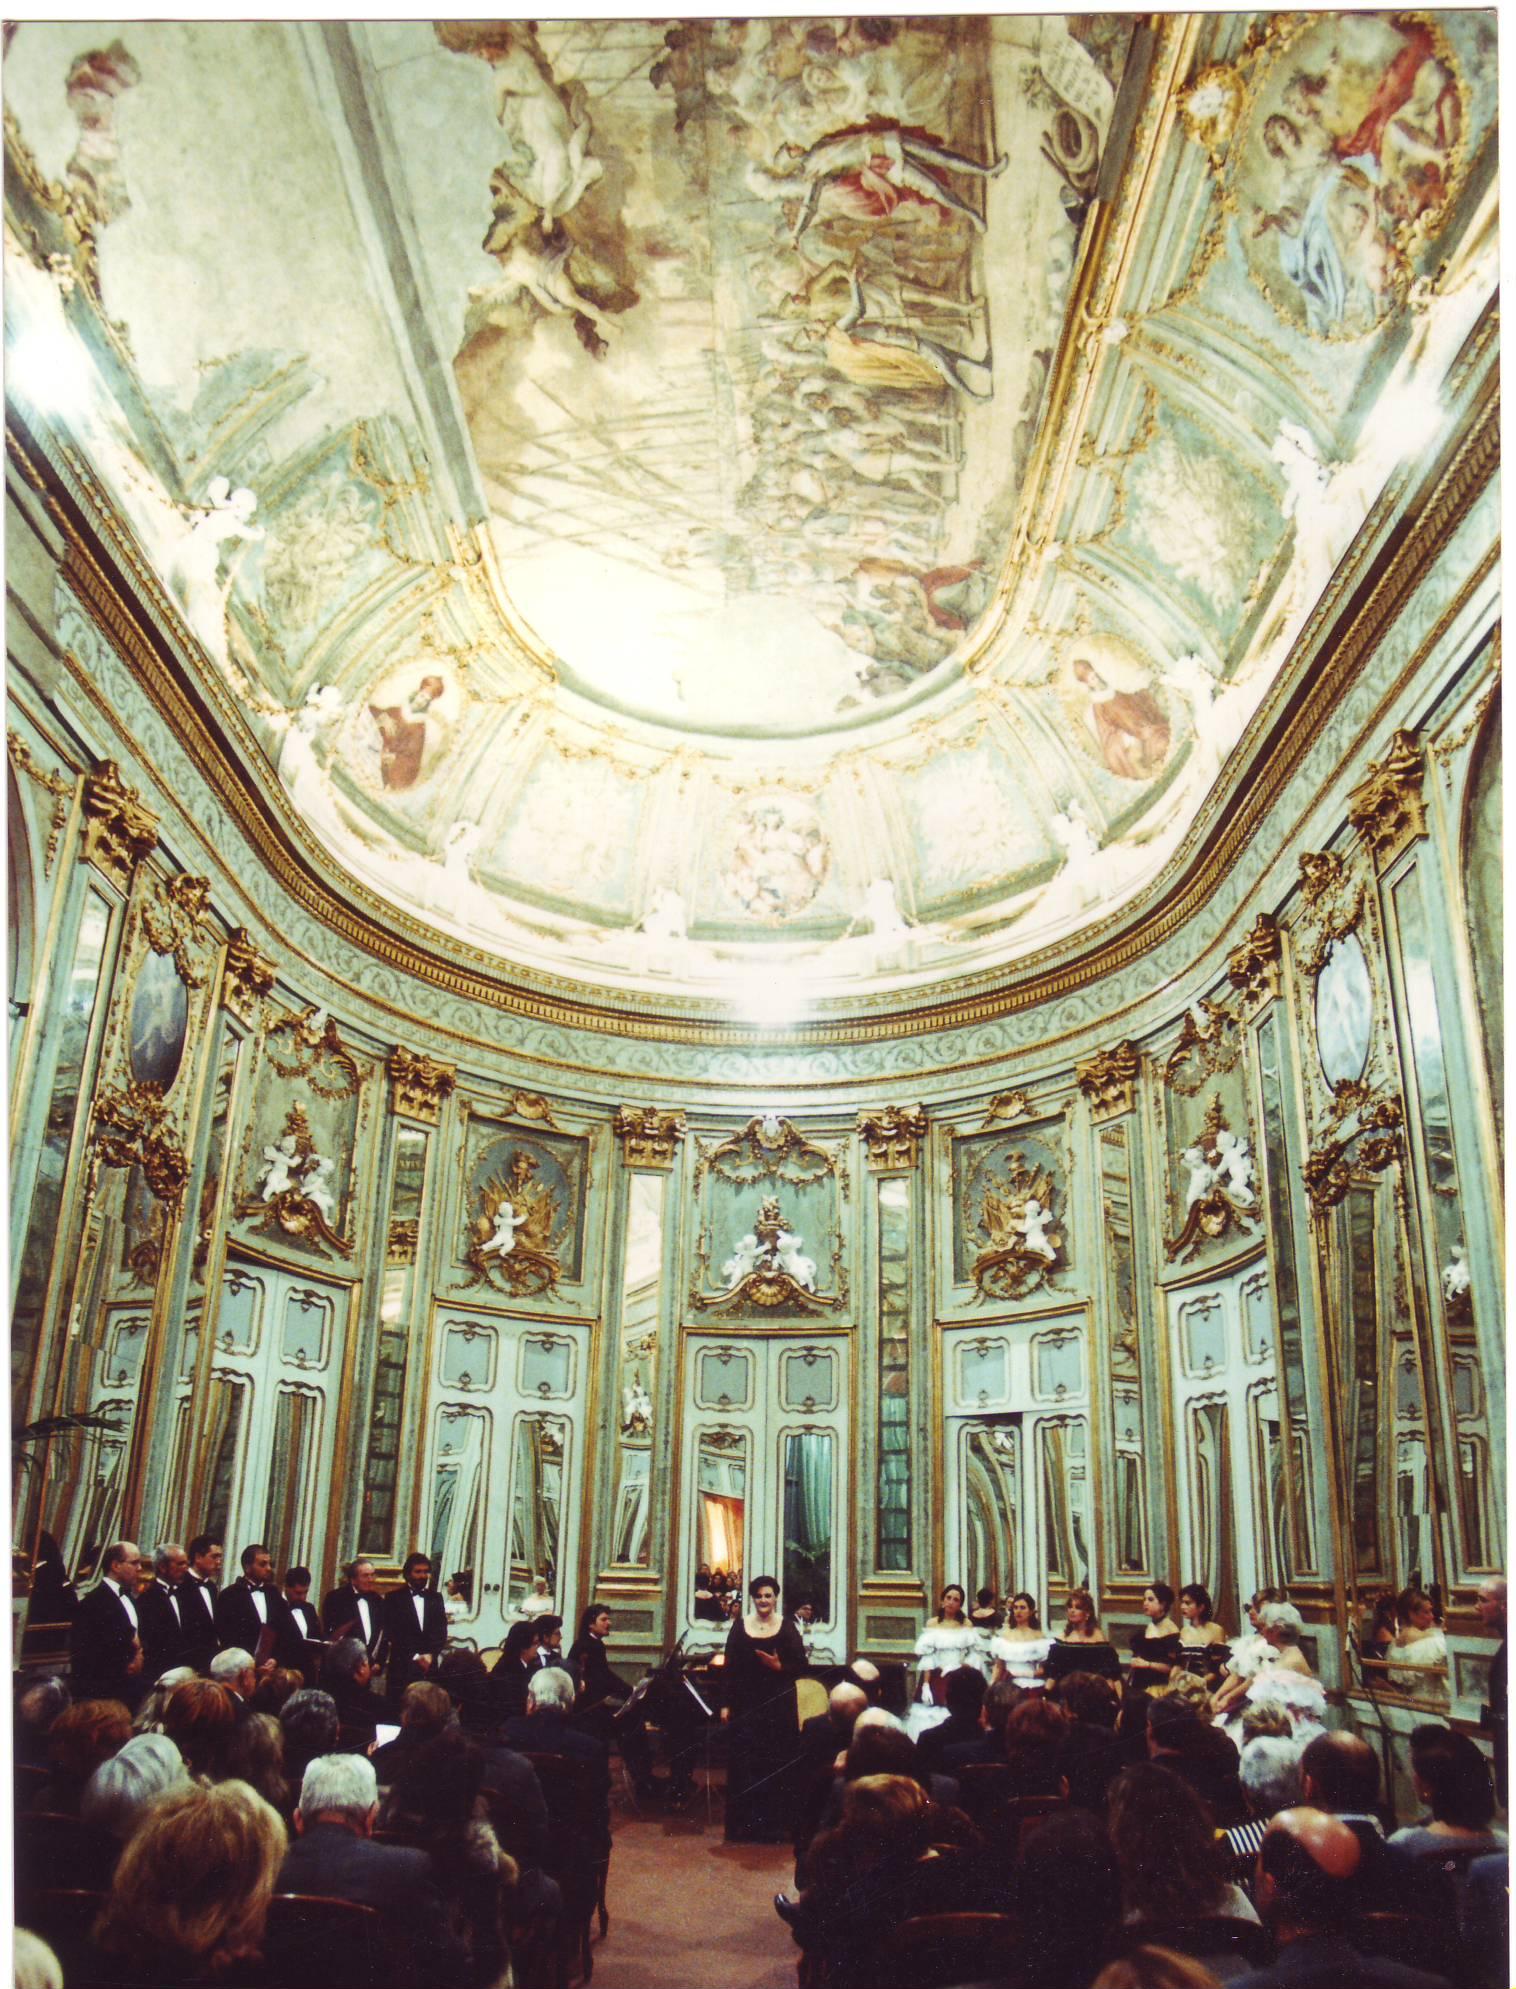 Concerto Palazzo Doria D'angri-Napoli